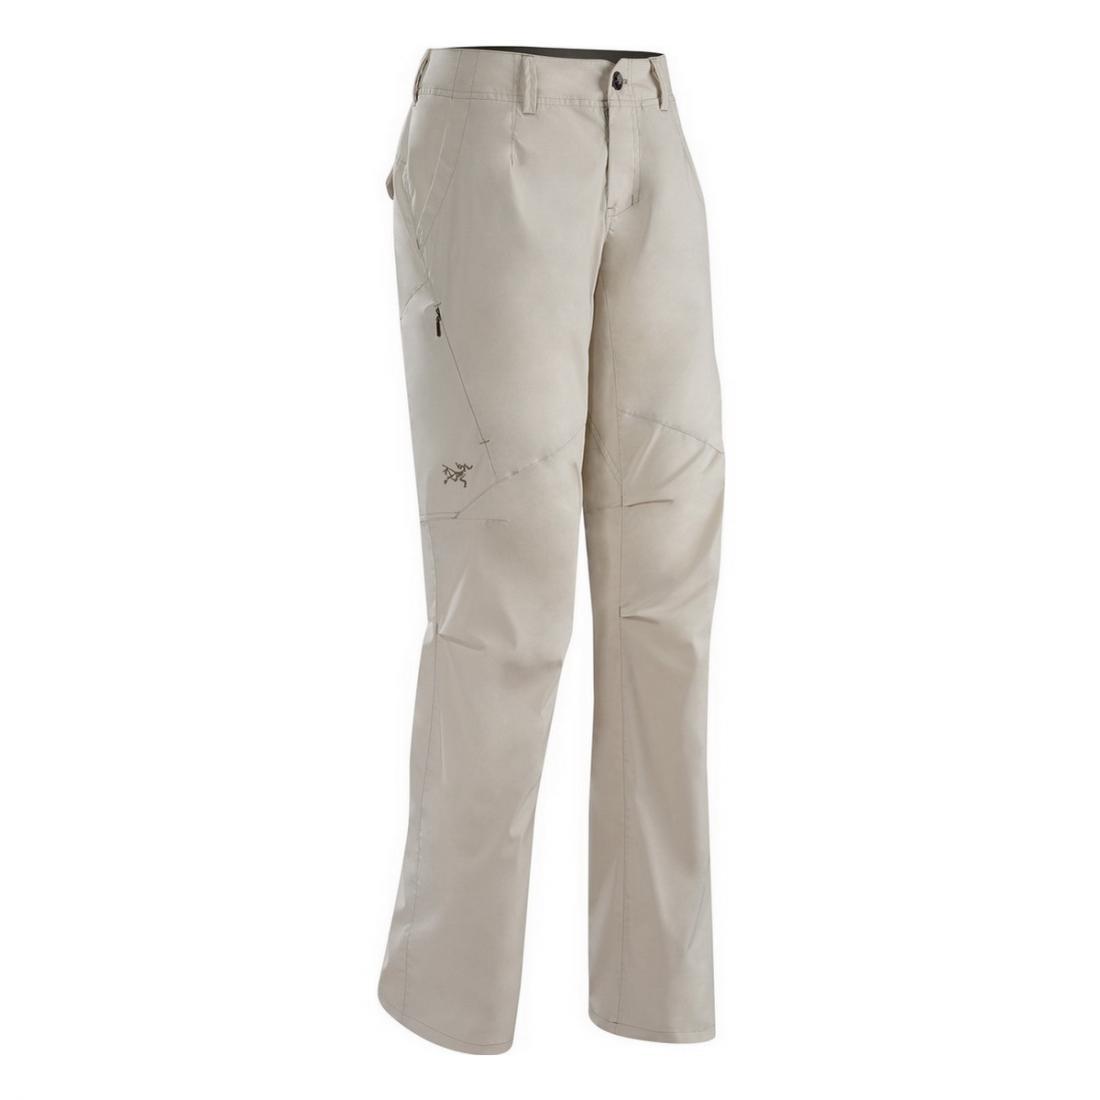 Брюки Kenna Pant жен.Брюки, штаны<br><br><br><br> Брюки карго – самая удобная модель для активных путешествий. Kenna Pant Womens – стильные и удобные брюки от канадского производителя Arc...<br><br>Цвет: Бежевый<br>Размер: 8